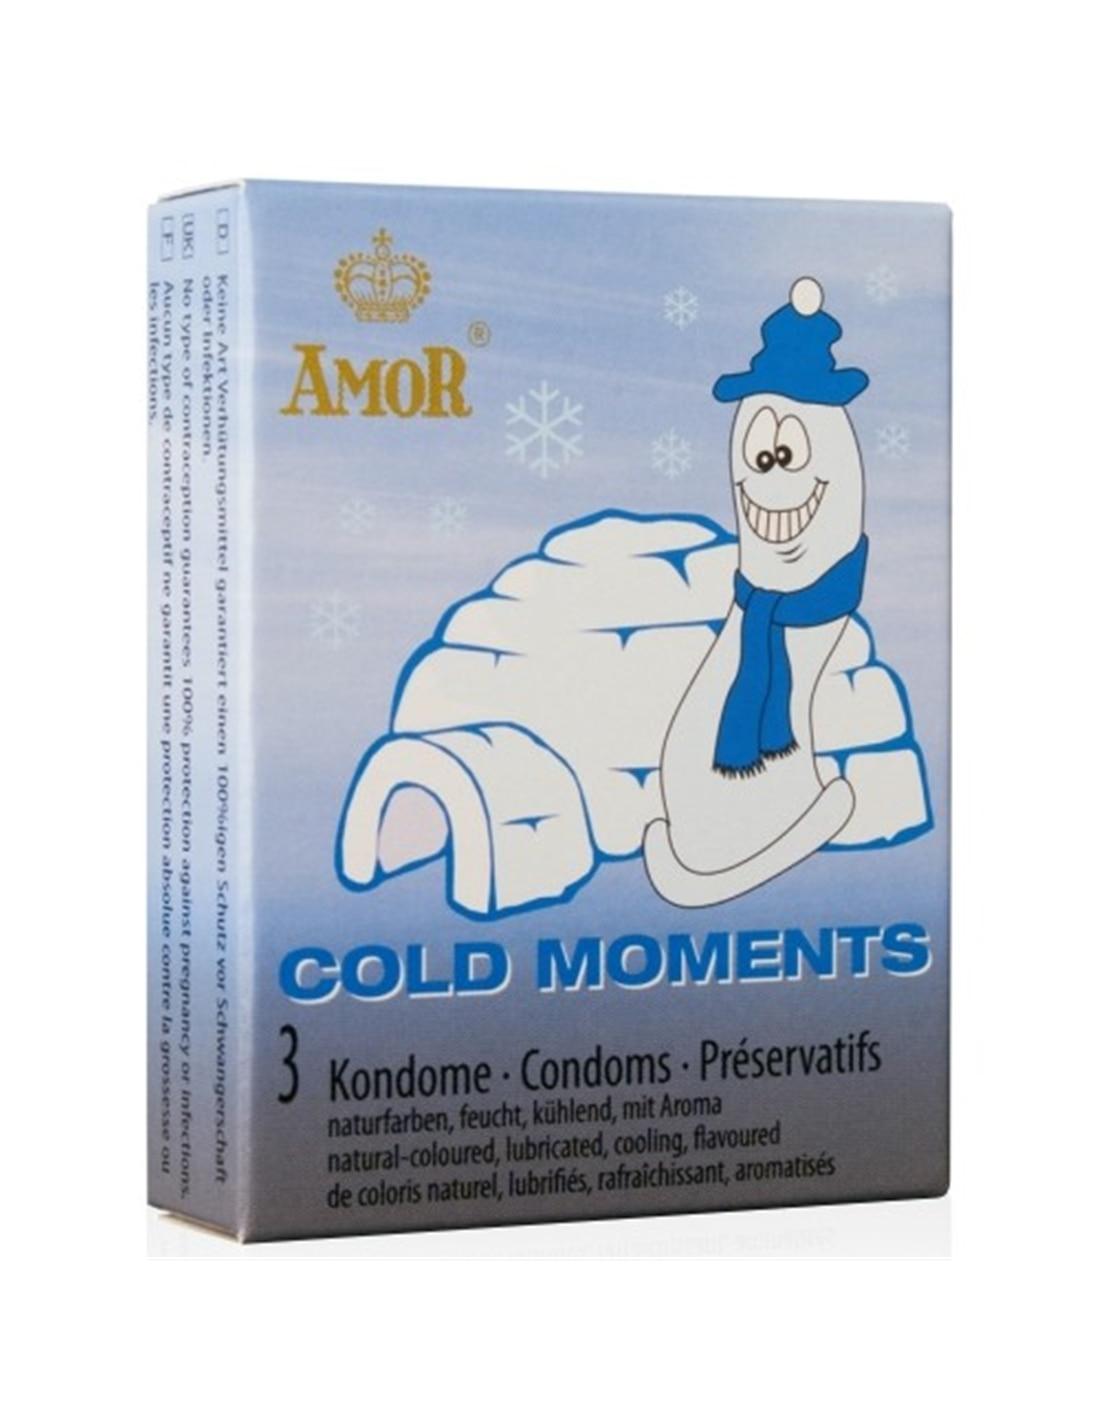 PR2010323545 - Preservativos Cold Moments - 3 Unidades-PR2010323545